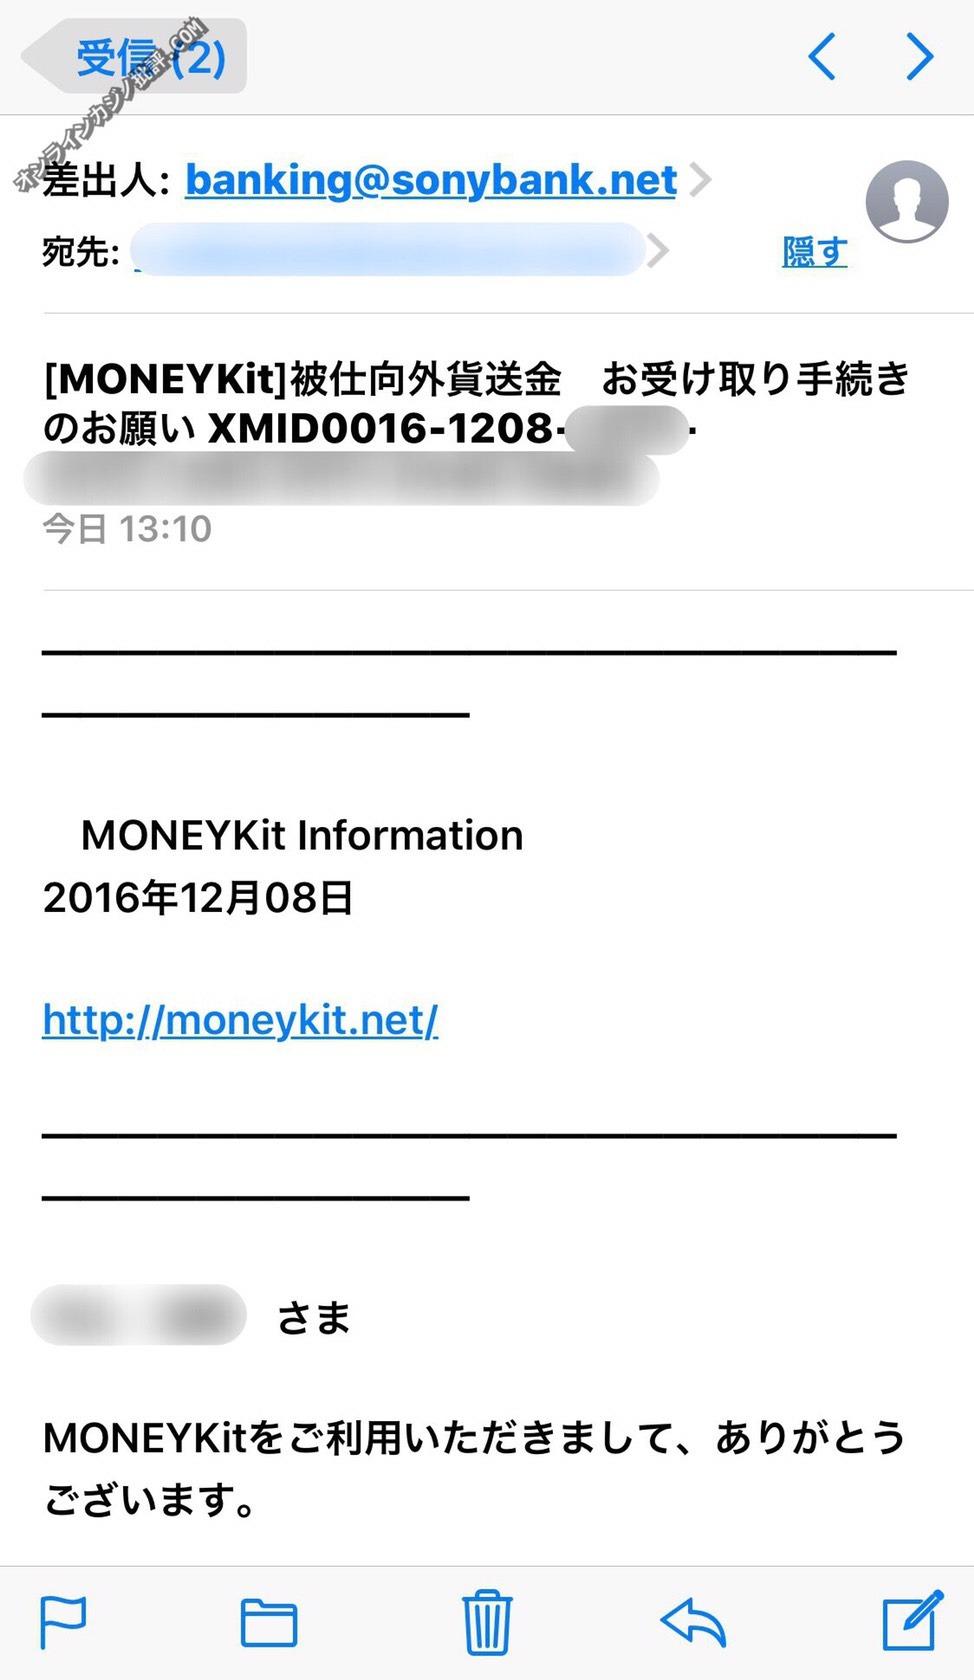 ソニー銀行から被仕向送金のメールが届く